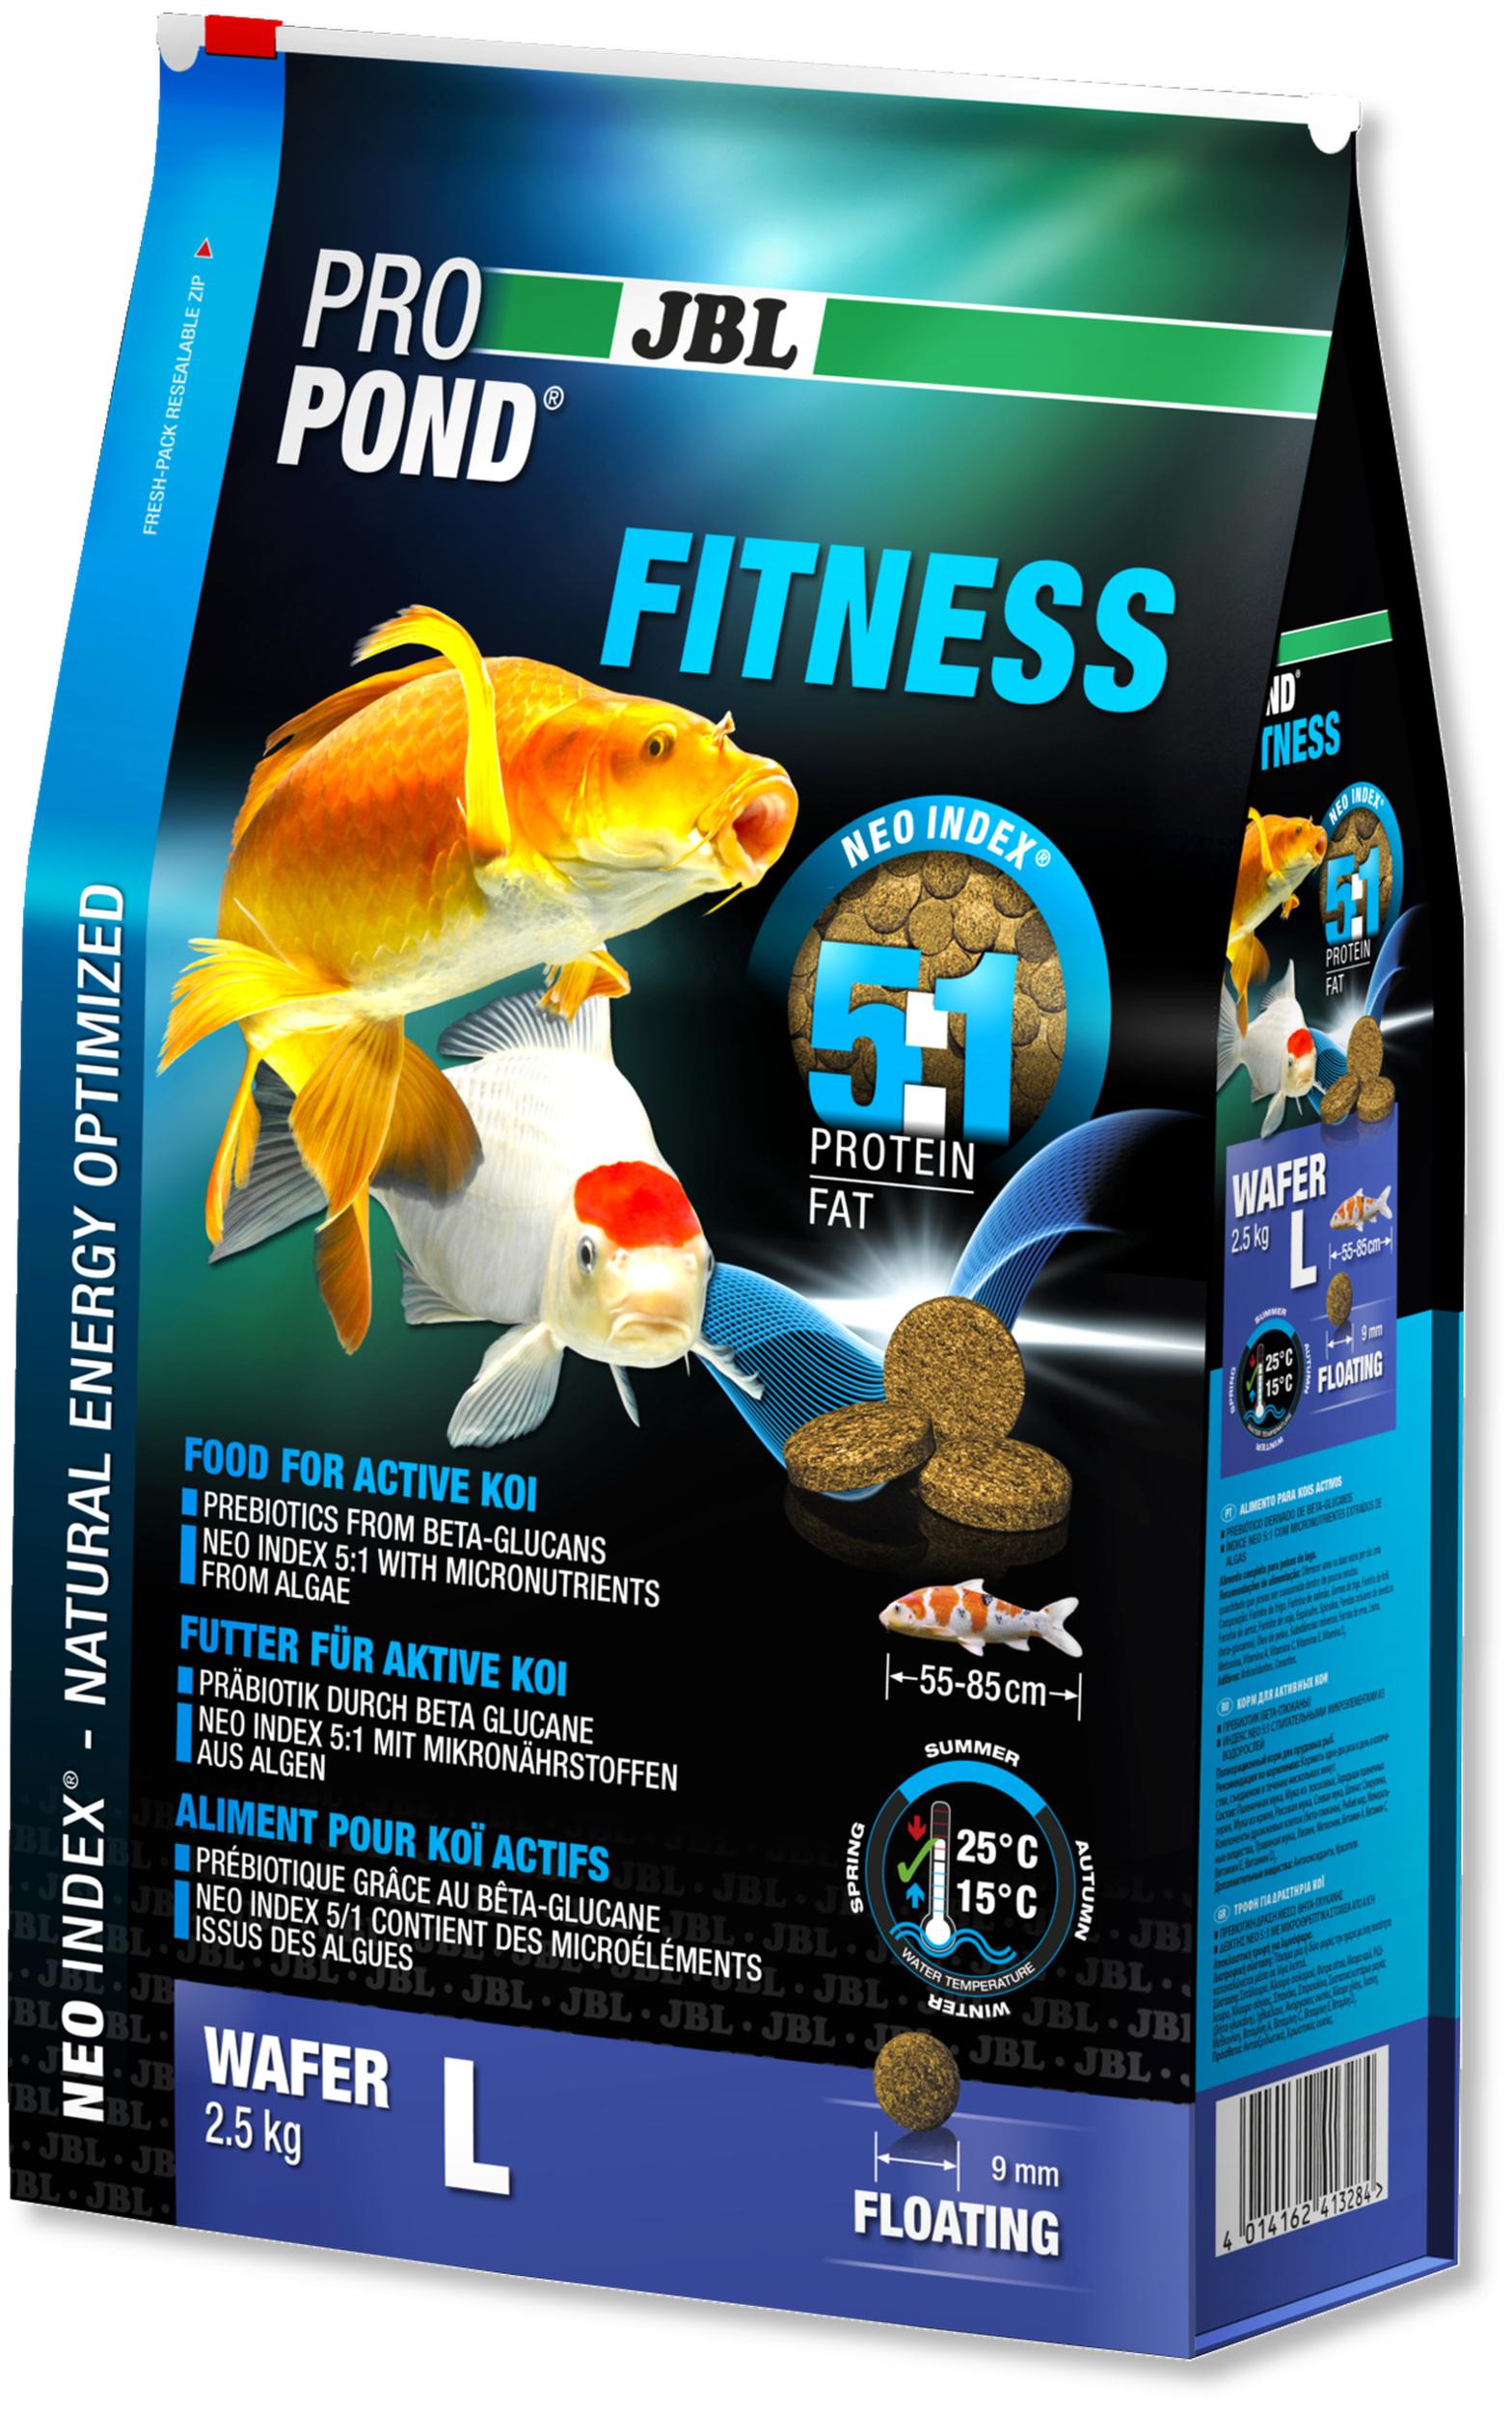 JBL ProPond Fitness L 2,5 Kg nourriture spéciale sous forme de perles pour Kois actives de 55 à 85 cm